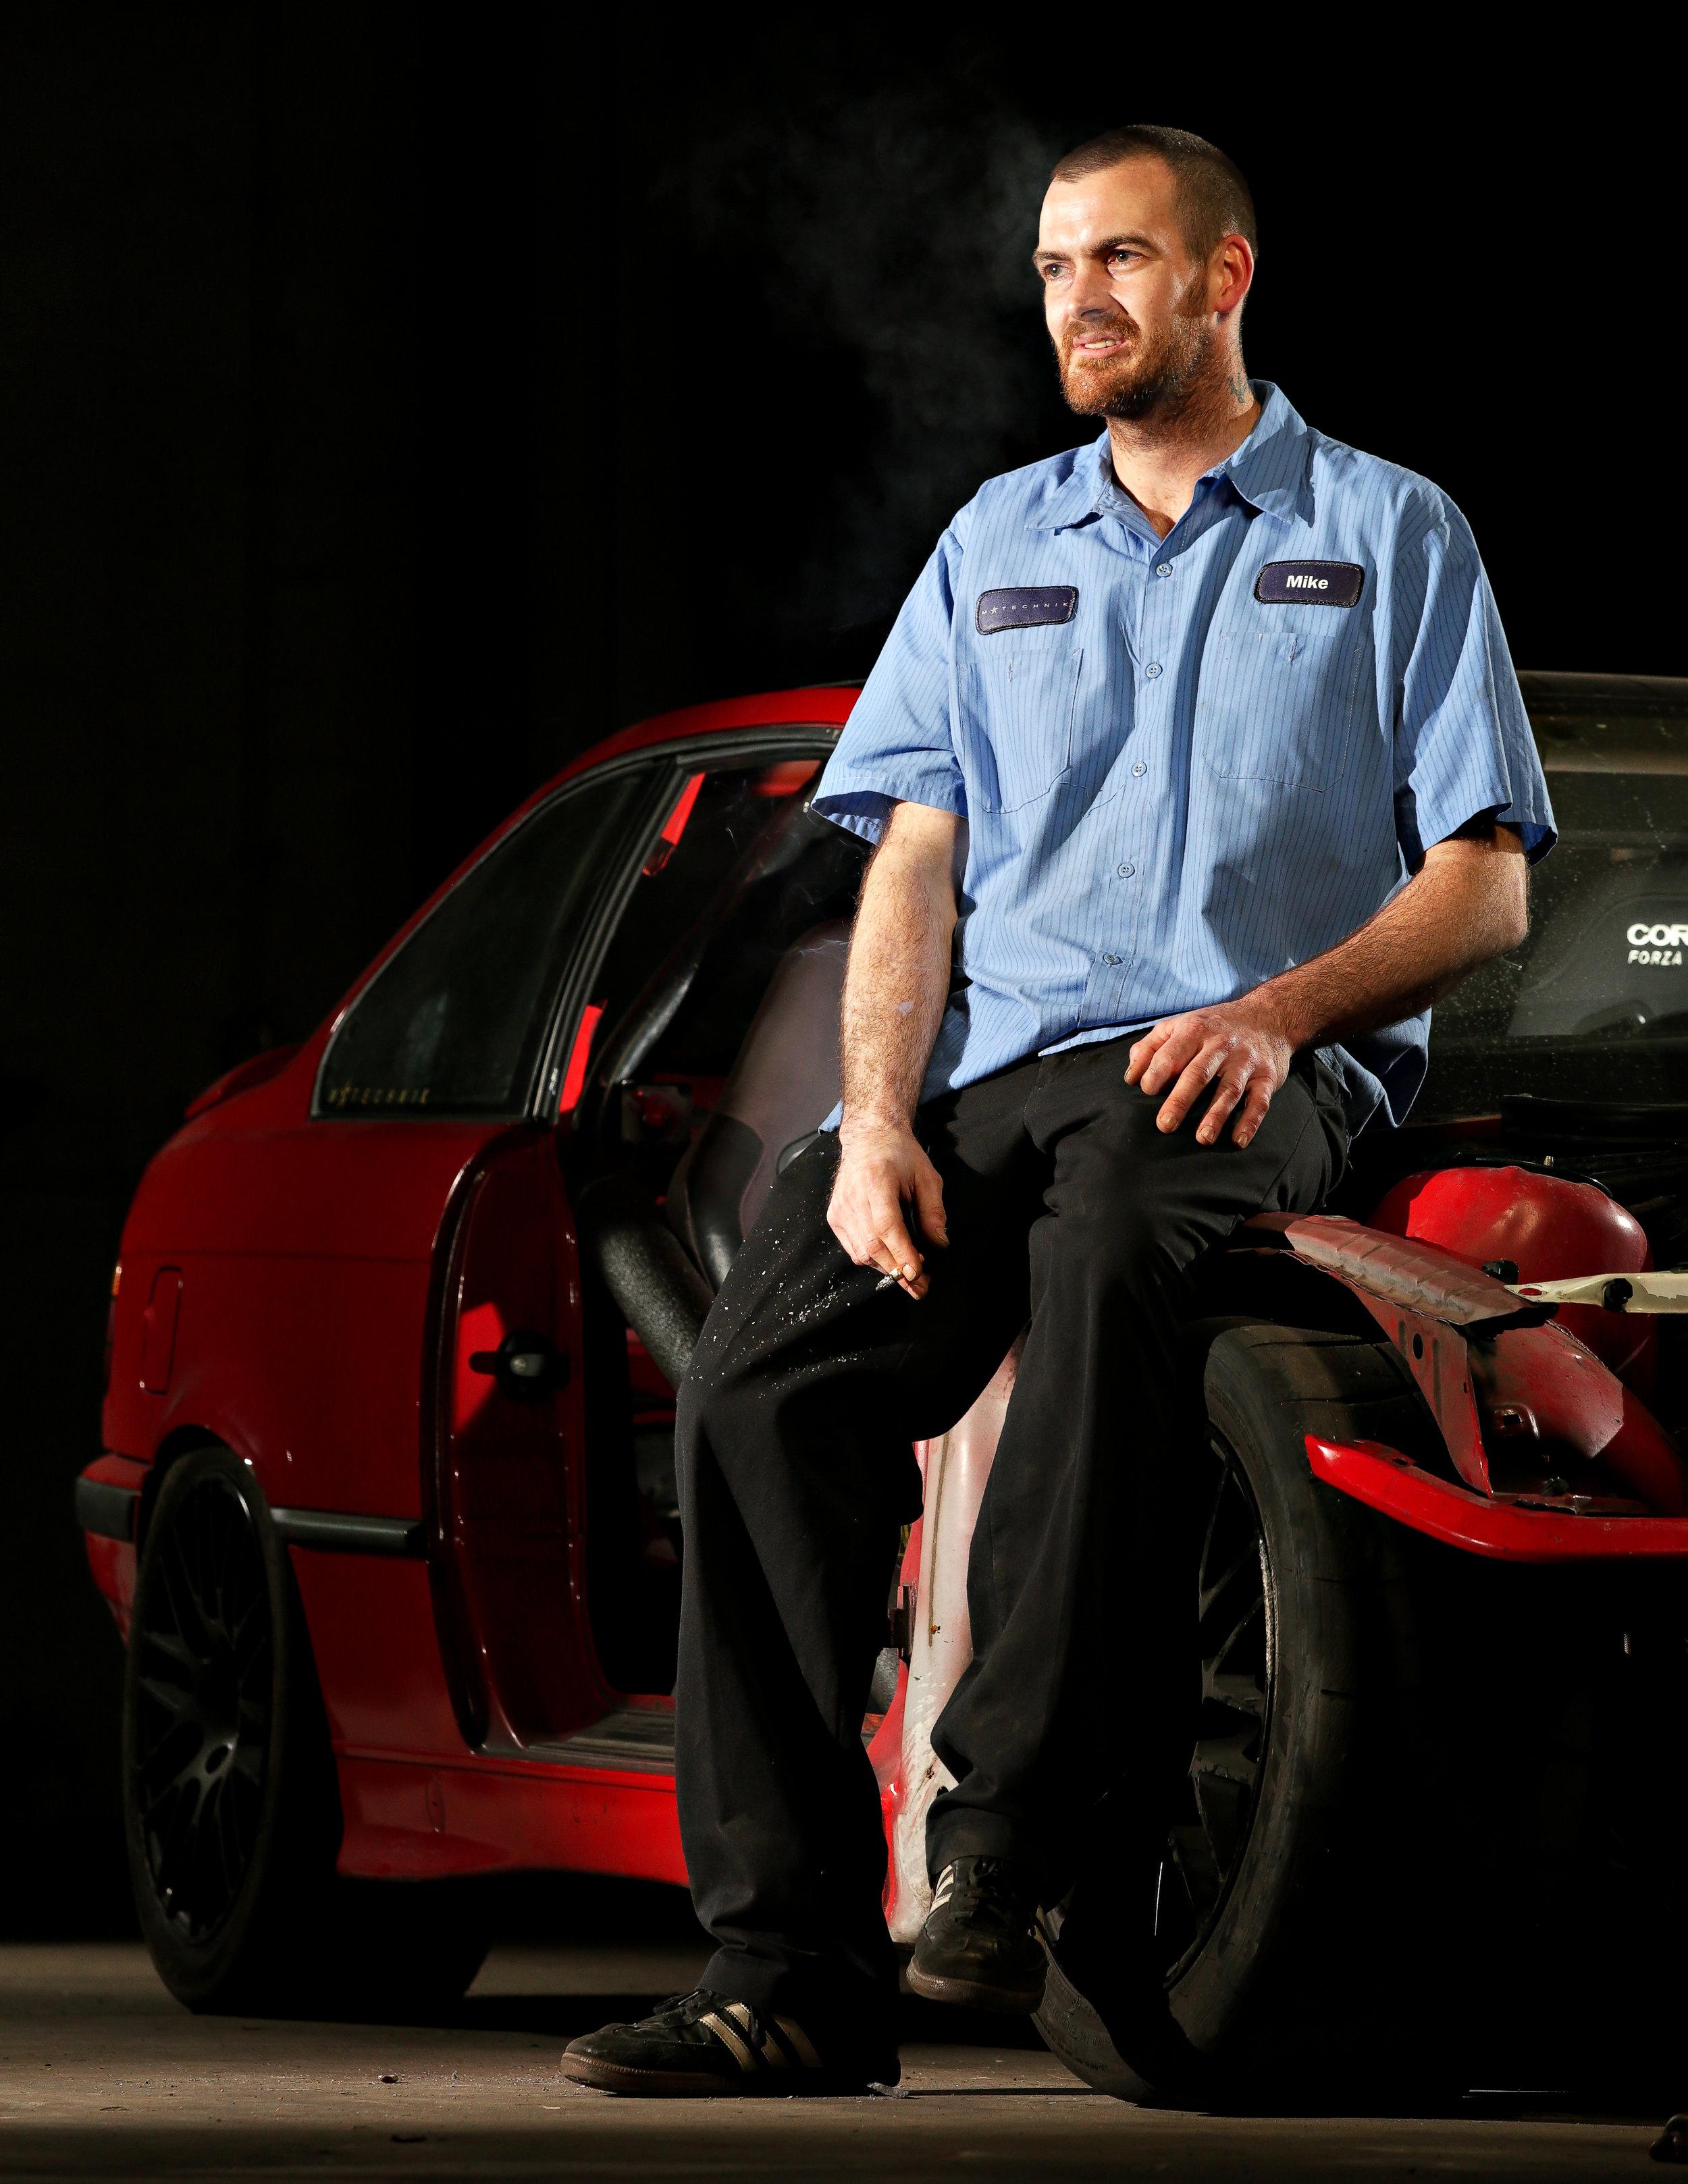 Mike: Porsche Certified Master Tech